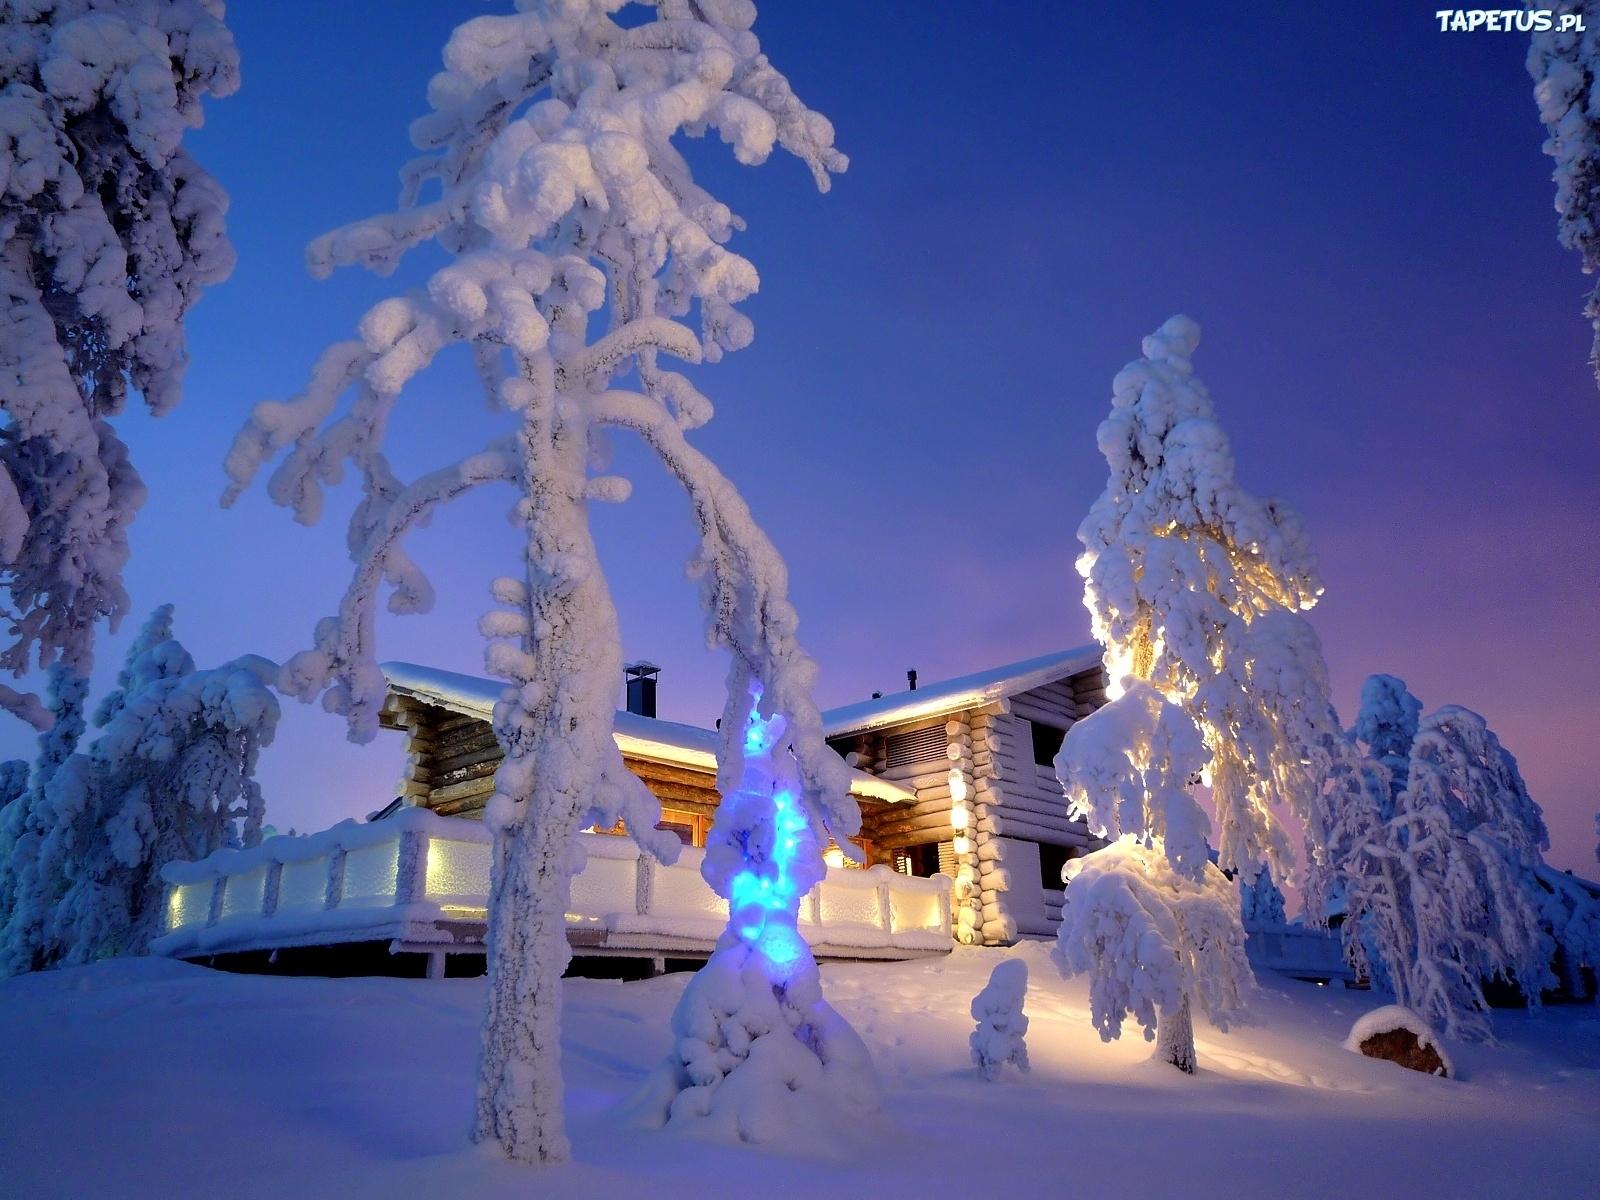 Зима фото с описанием 2